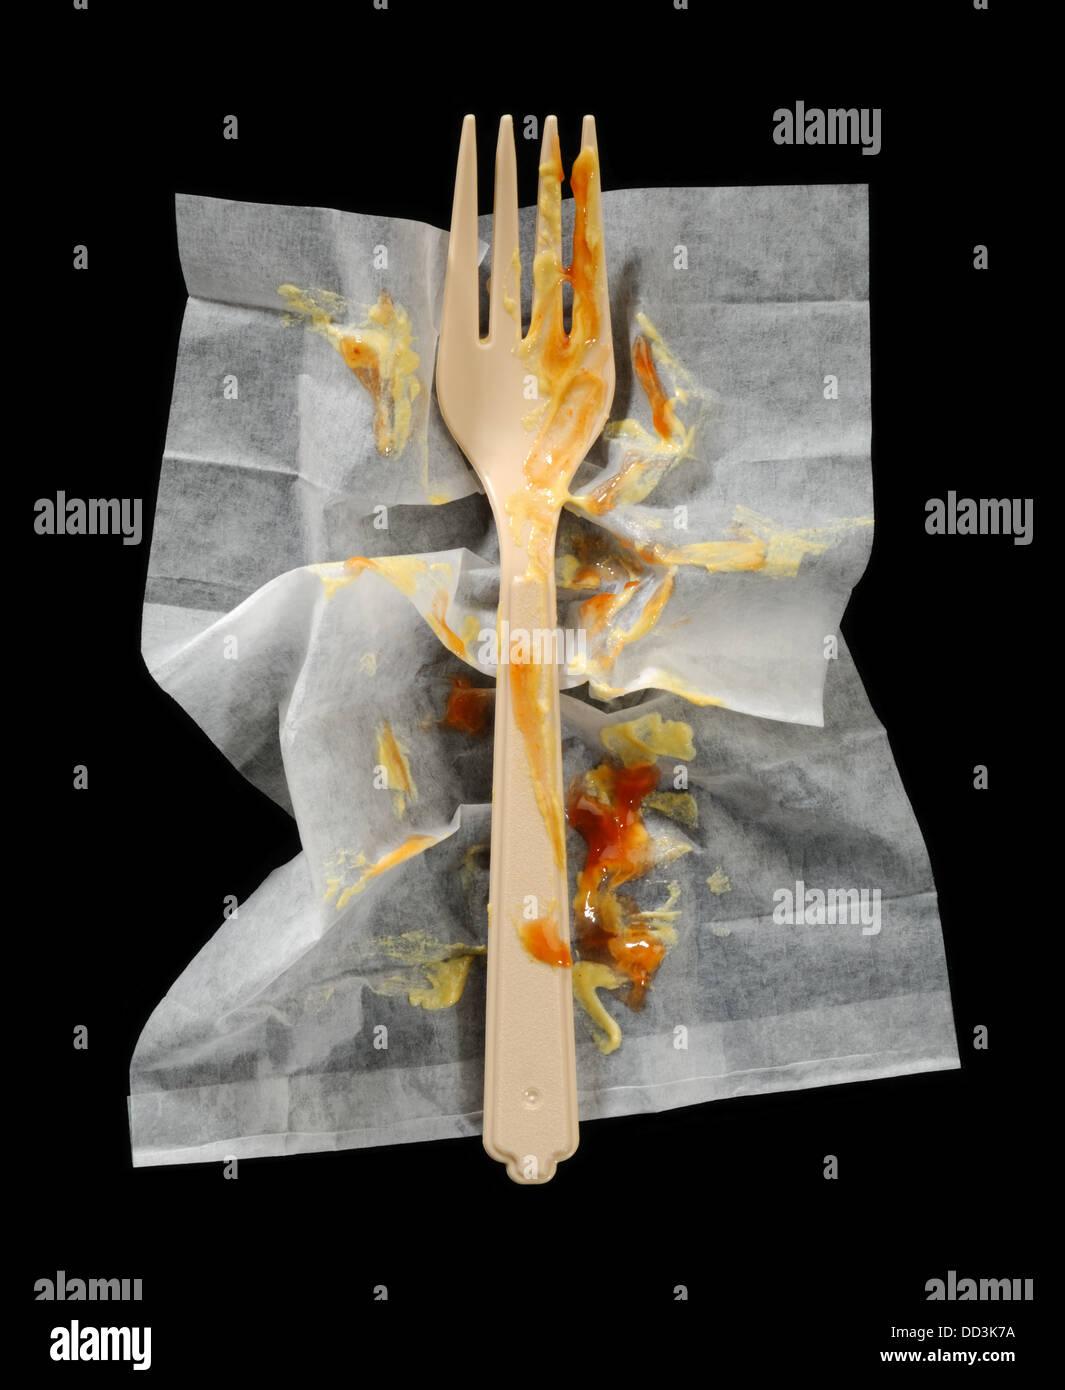 Una cena en una horquilla de plástico arrugado servilleta de limpieza. Imagen De Stock